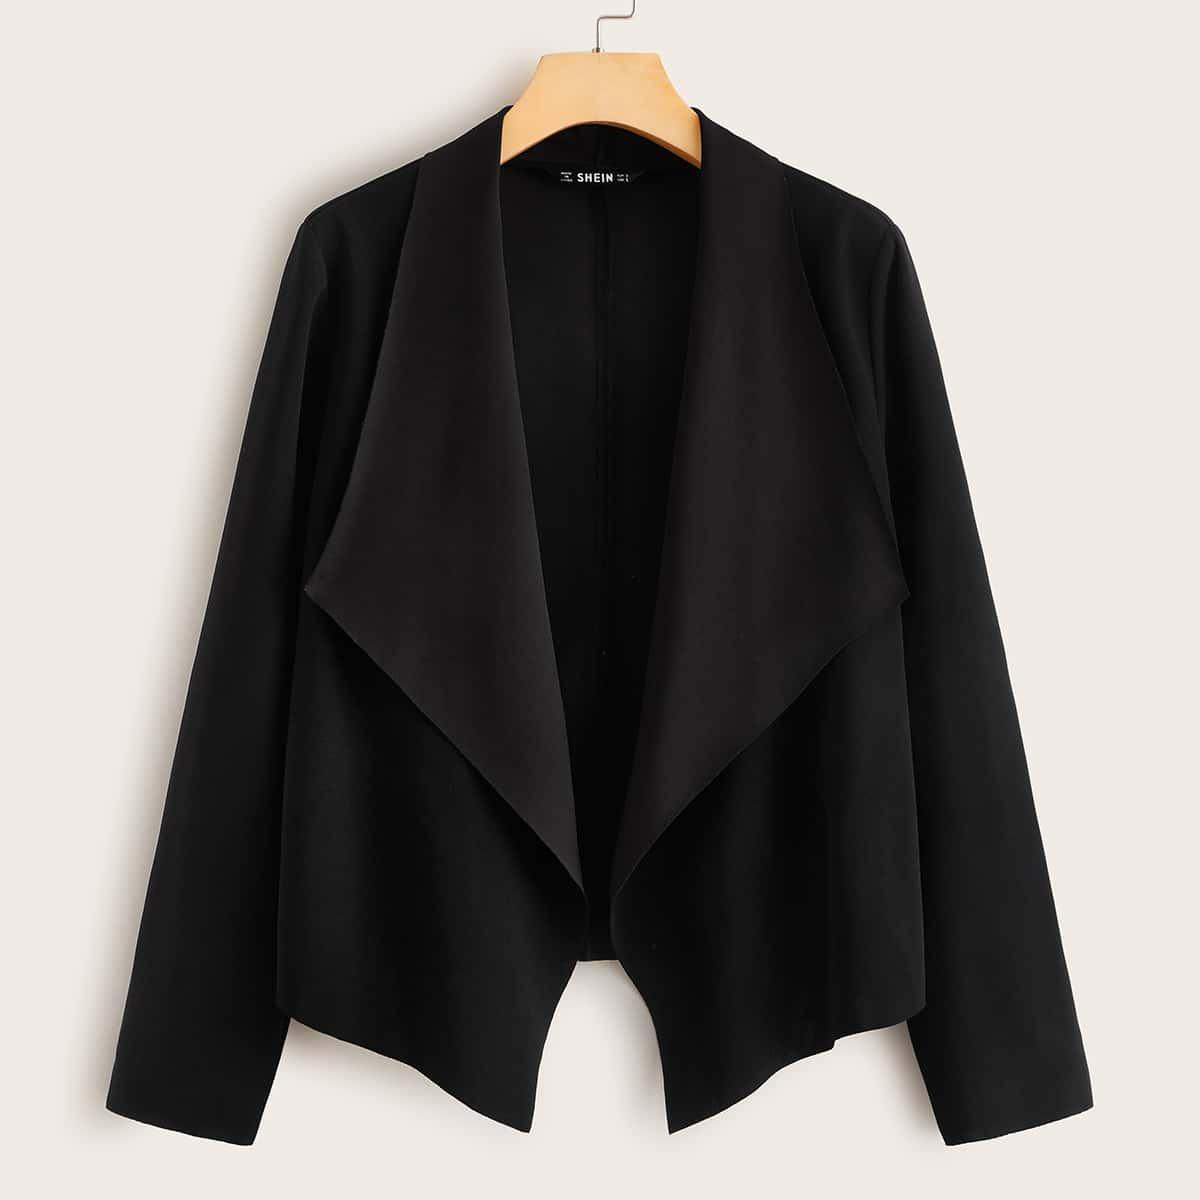 SHEIN / Asymmetrische Jacke mit Wasserfallkragen